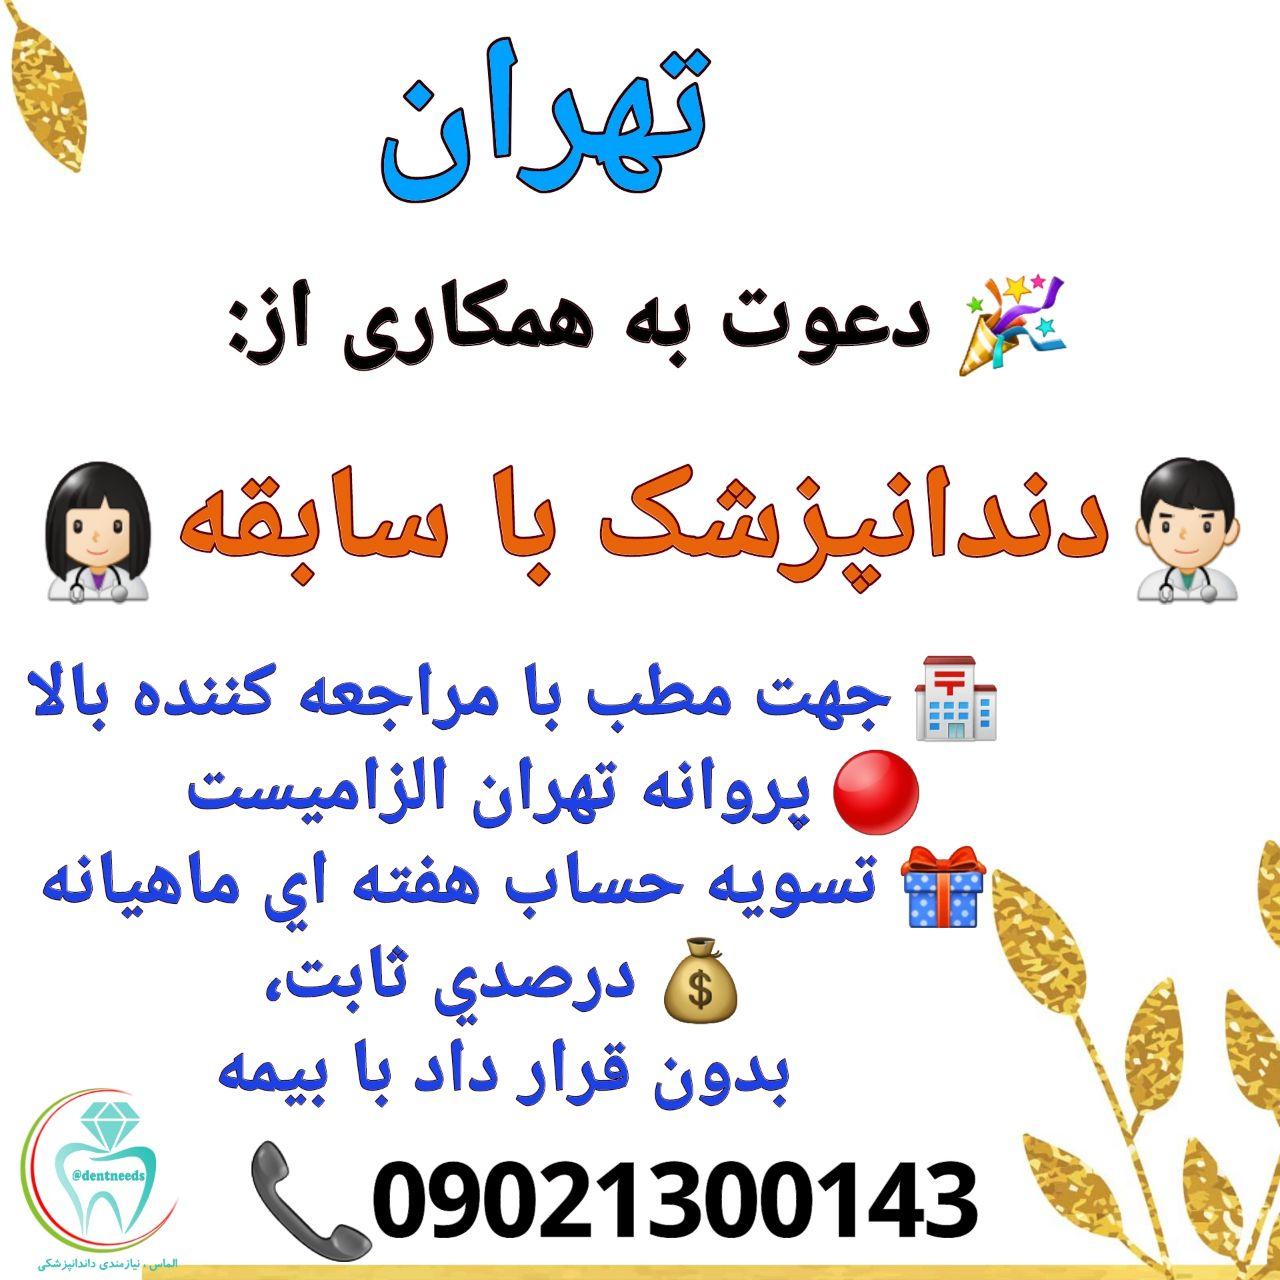 تهران، دعوت به همکاری از دندانپزشک با سابقه